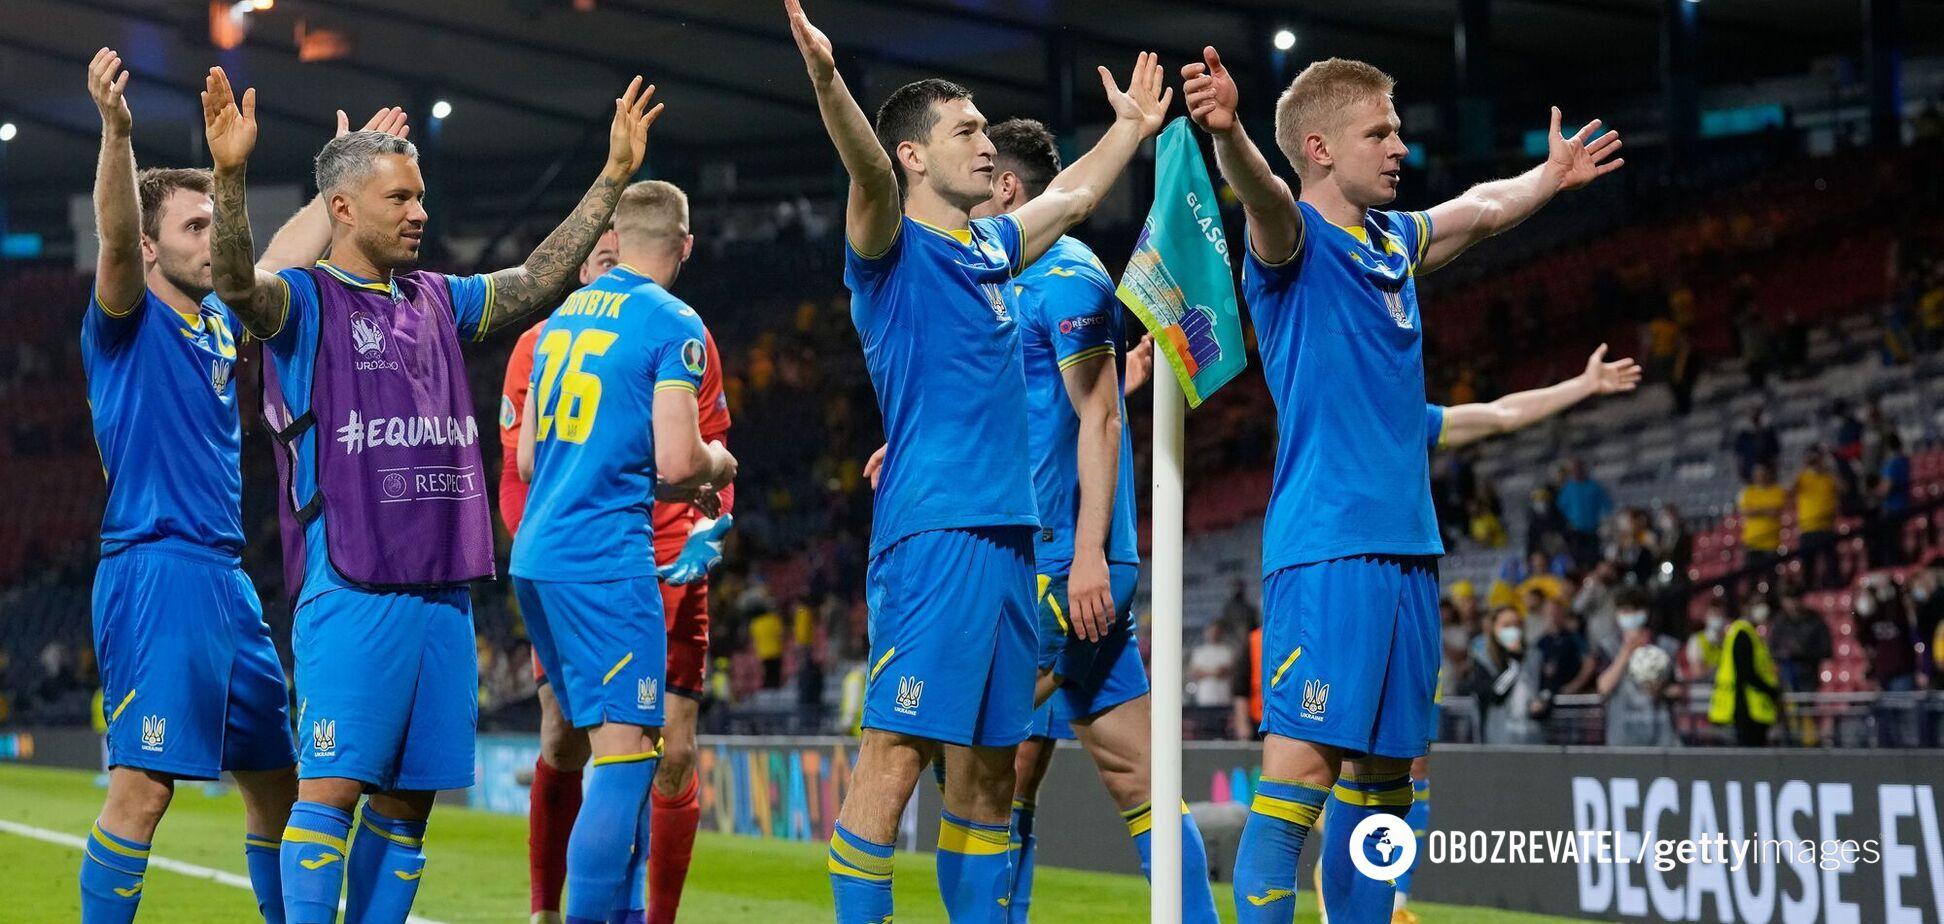 'Мало кто знает...' Футболист 'Шахтера' объявил об уходе из сборной Украины